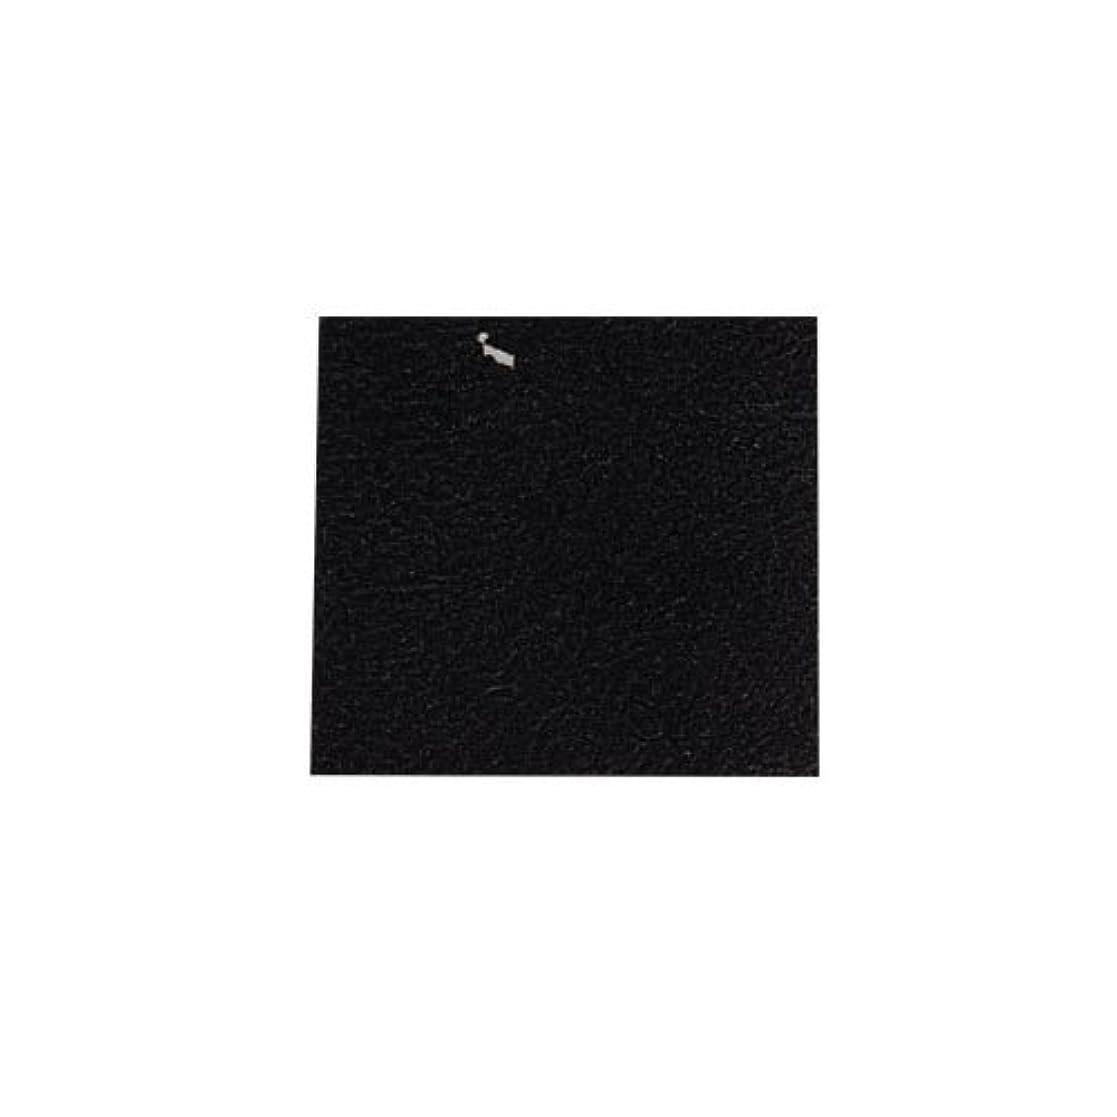 セイはさておき主要なテストピカエース ネイル用パウダー カラー純銀箔 #620 黒色 3.5㎜角×5枚